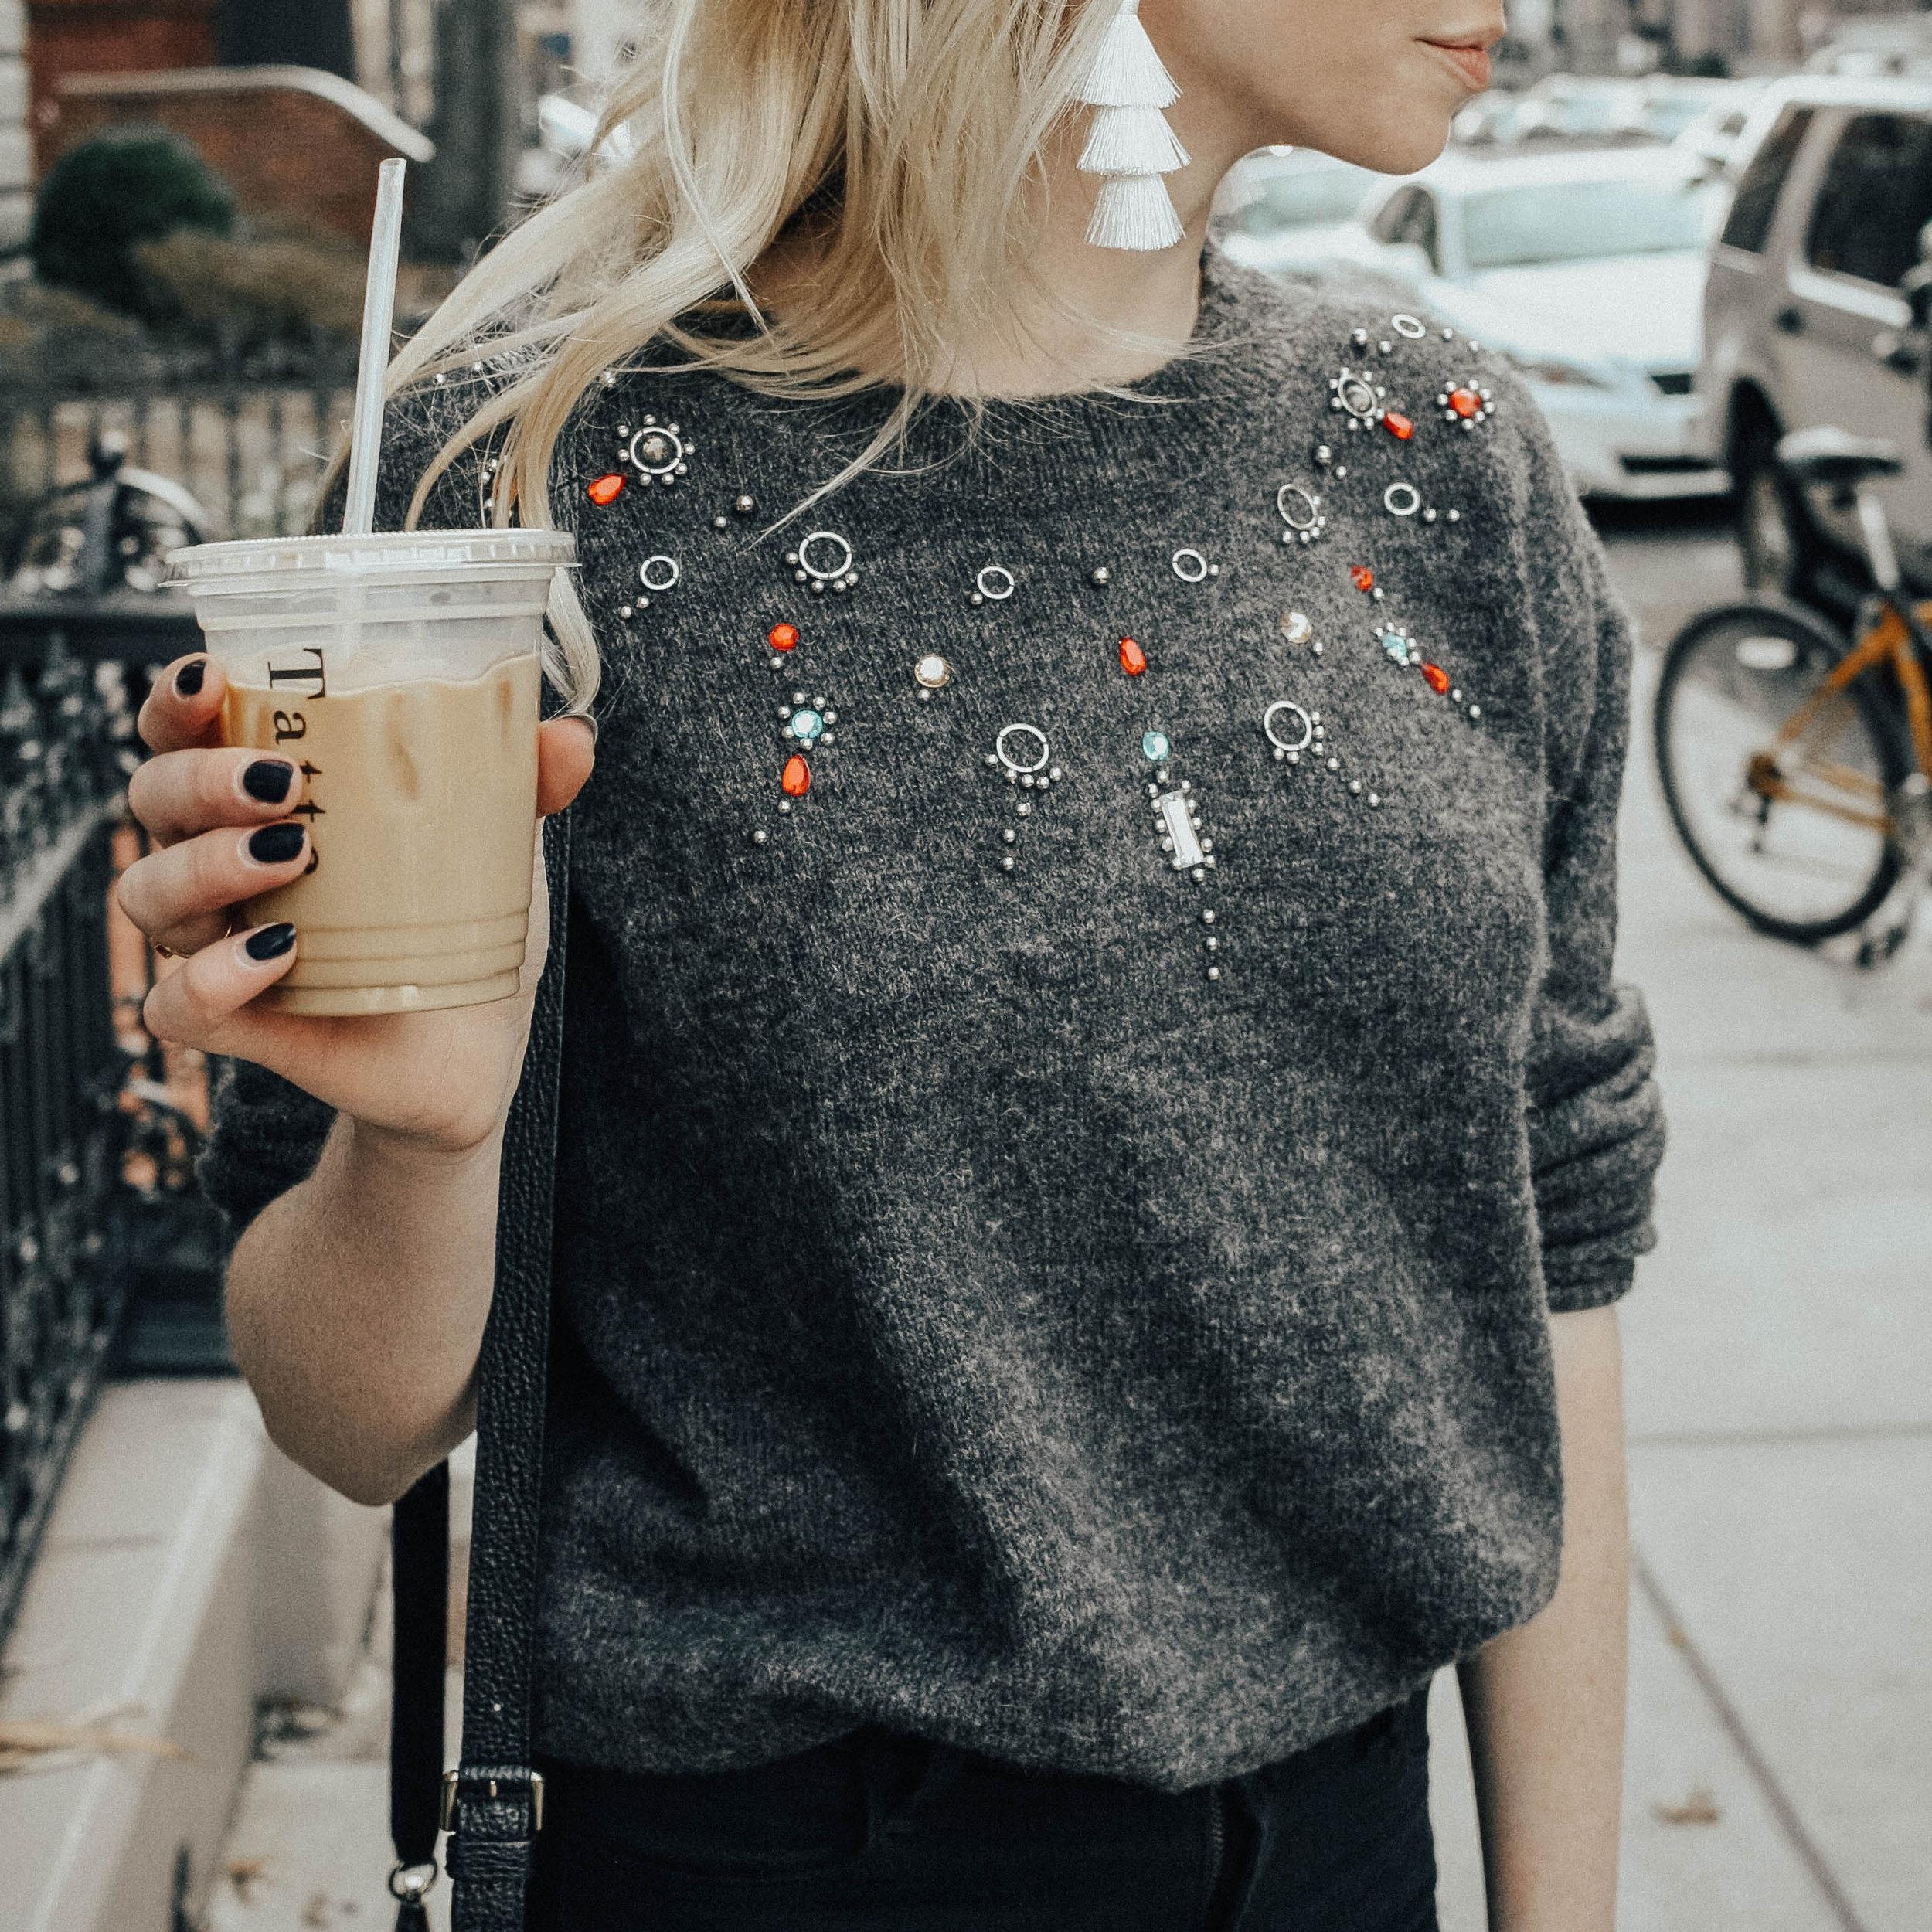 Jeweled Sweater